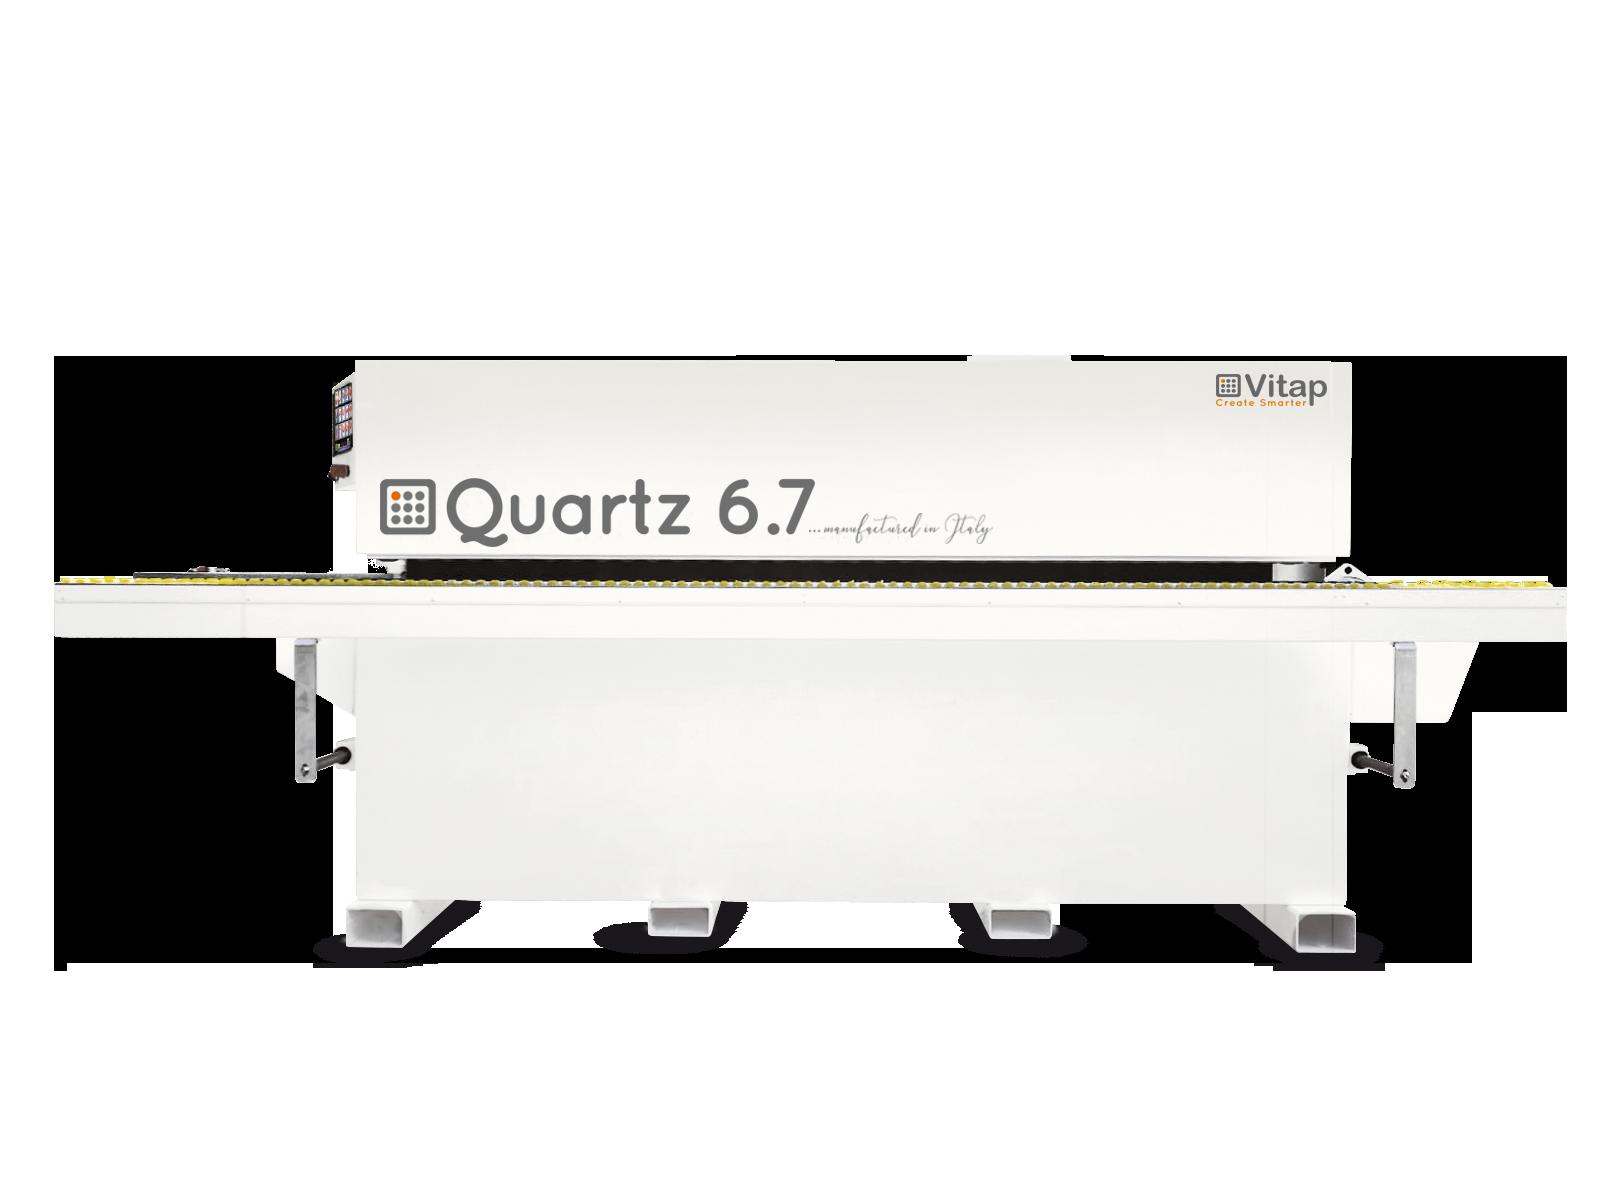 Vitap - Quartz 6.7